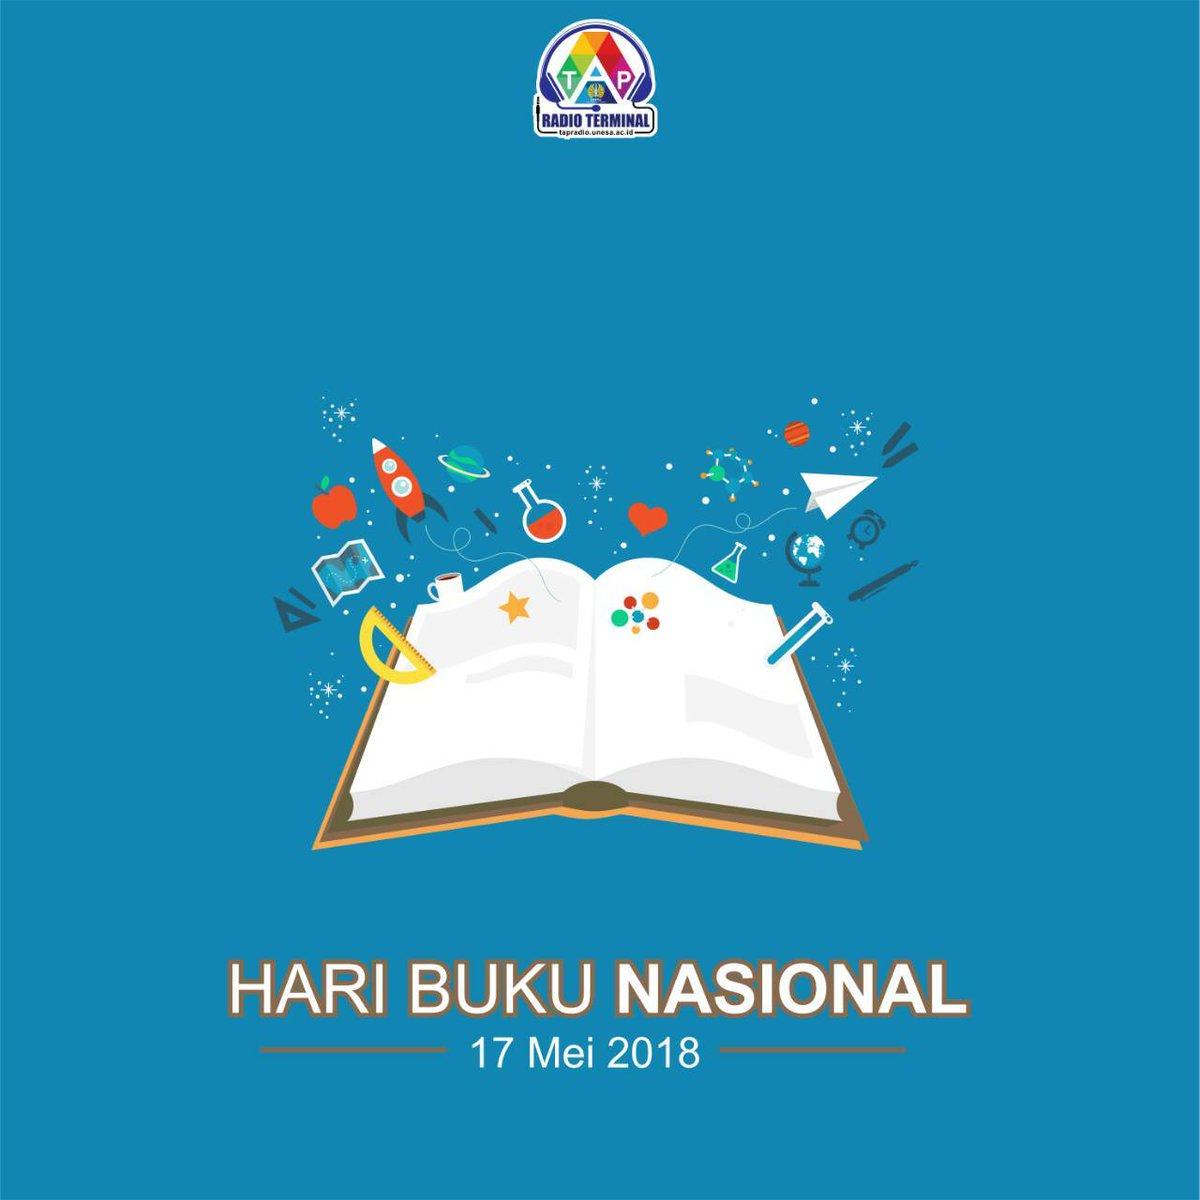 Radio Terminal Unesa On Twitter Selamat Hari Buku Nasional 2018